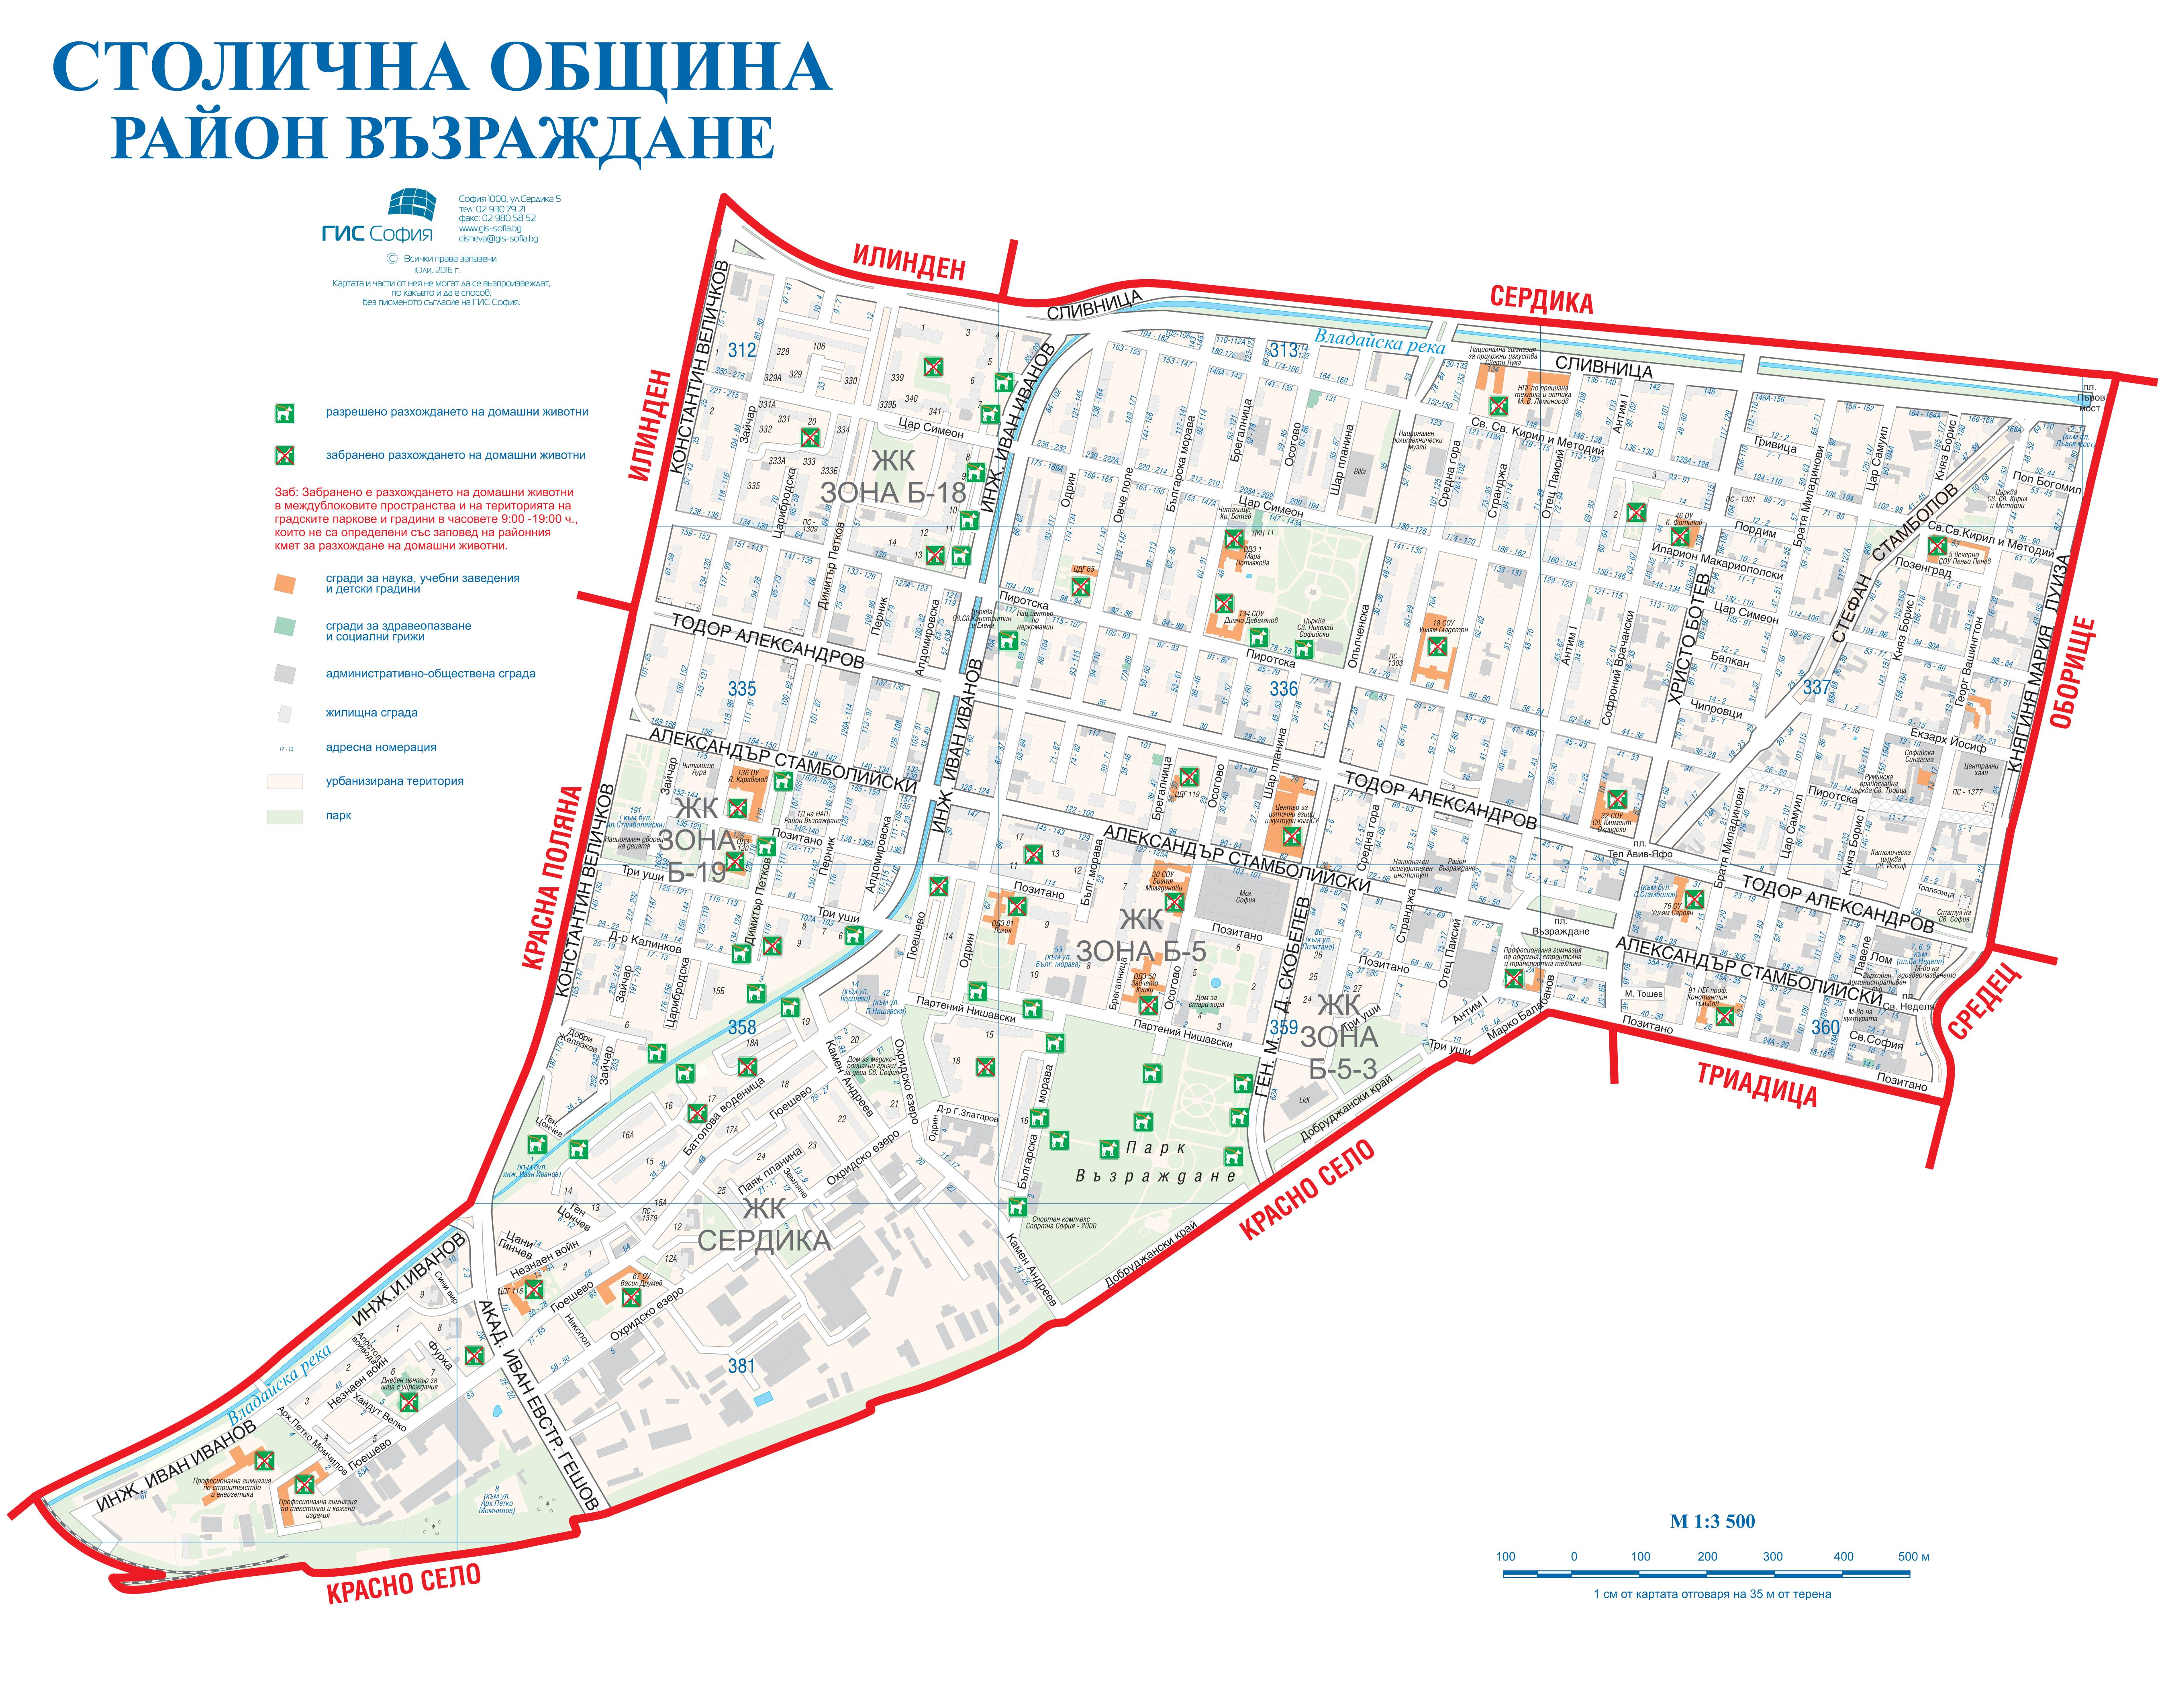 Karta Na Rajon Vzrazhdane Karta 2019